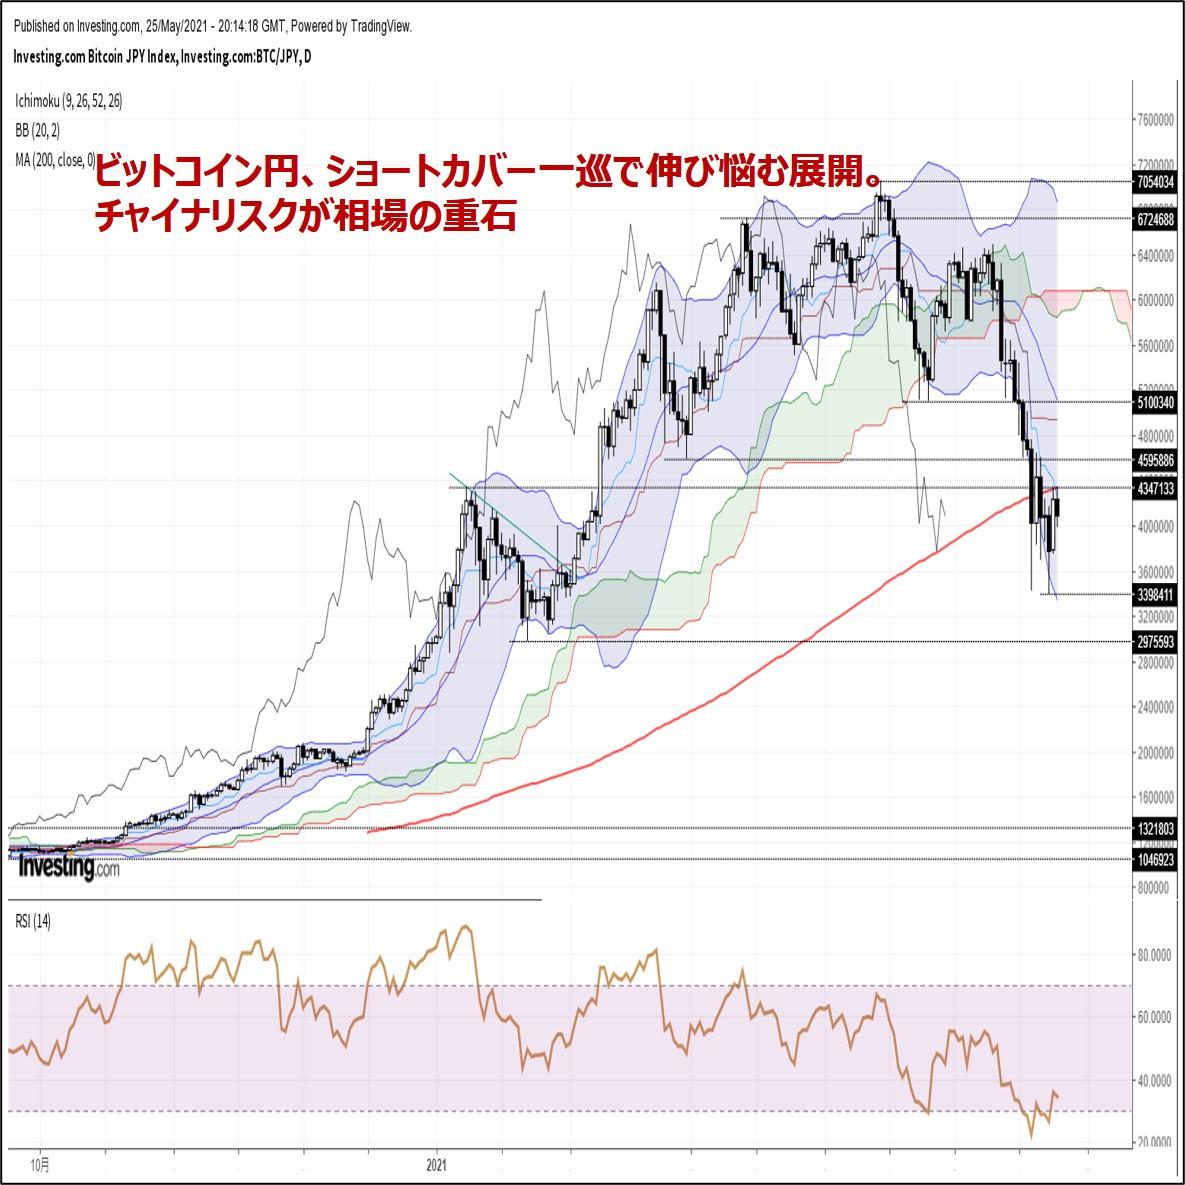 ビットコイン円、ショートカバー一巡で伸び悩む展開。チャイナリスクが相場の重石(5/26朝)